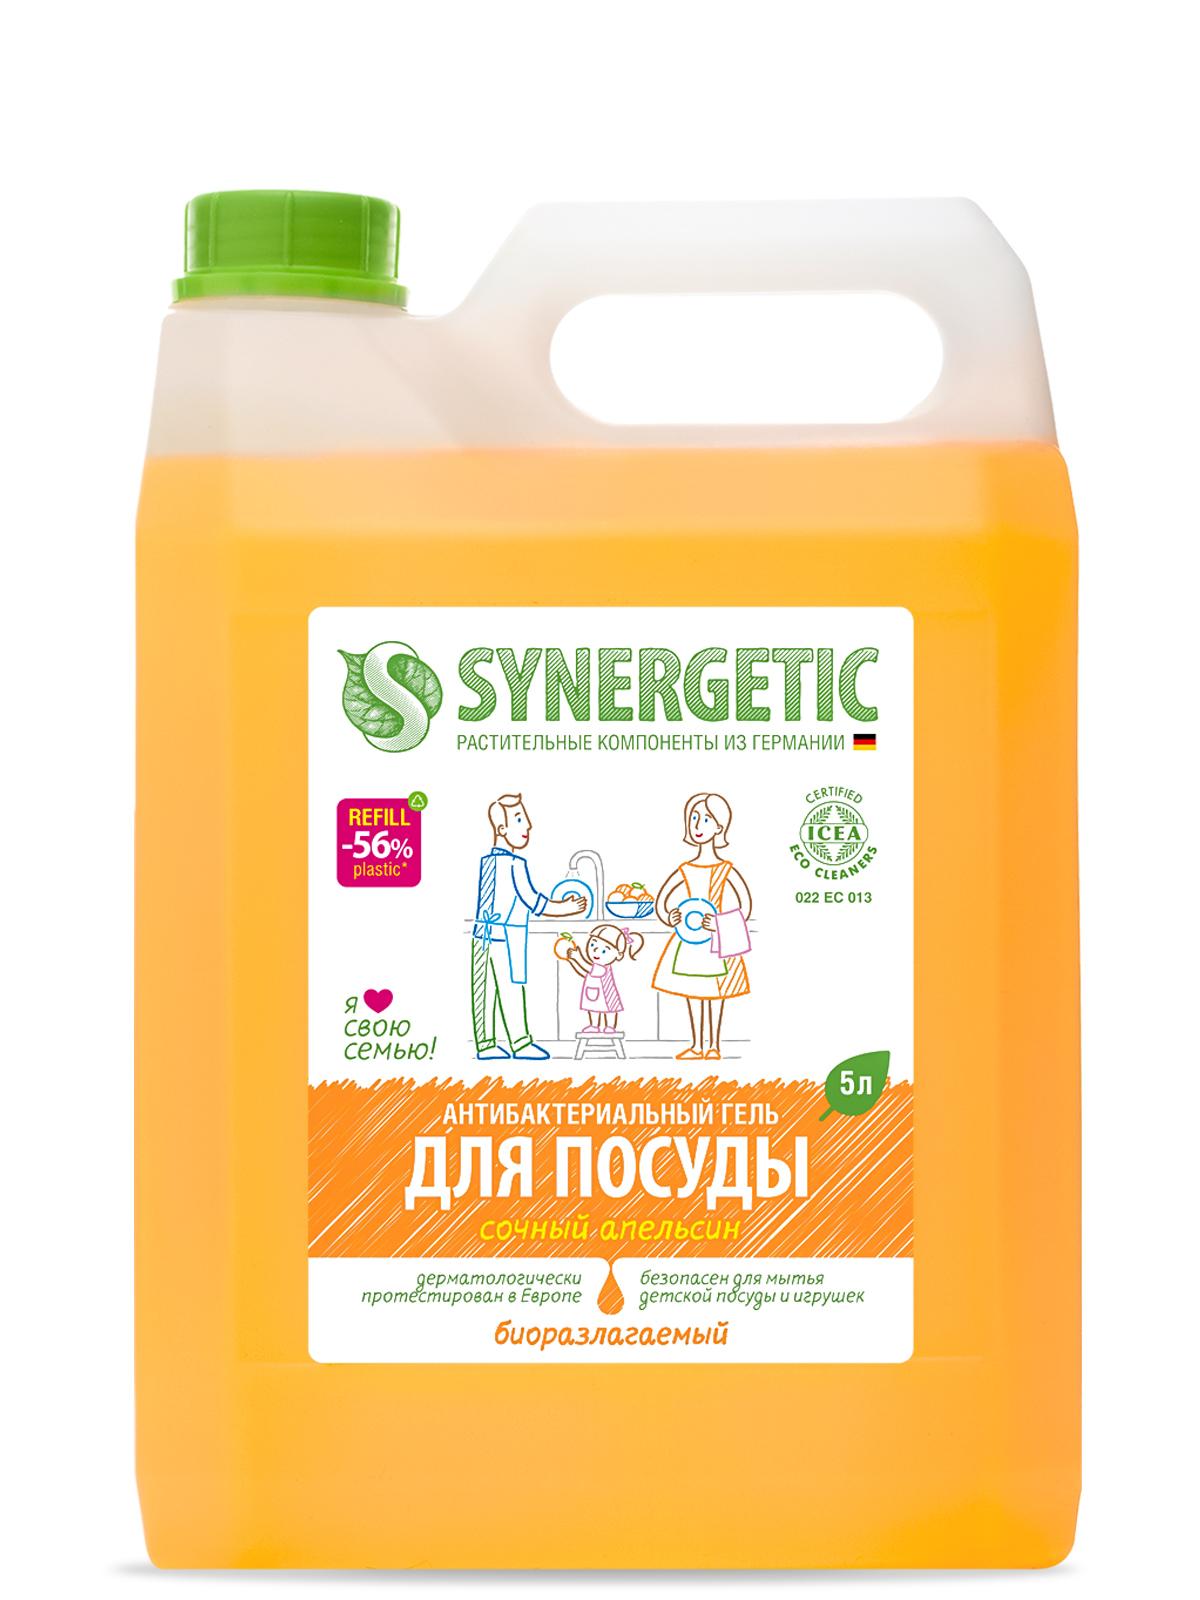 Հեղուկ սպասքի SYNERGETIC 5լ